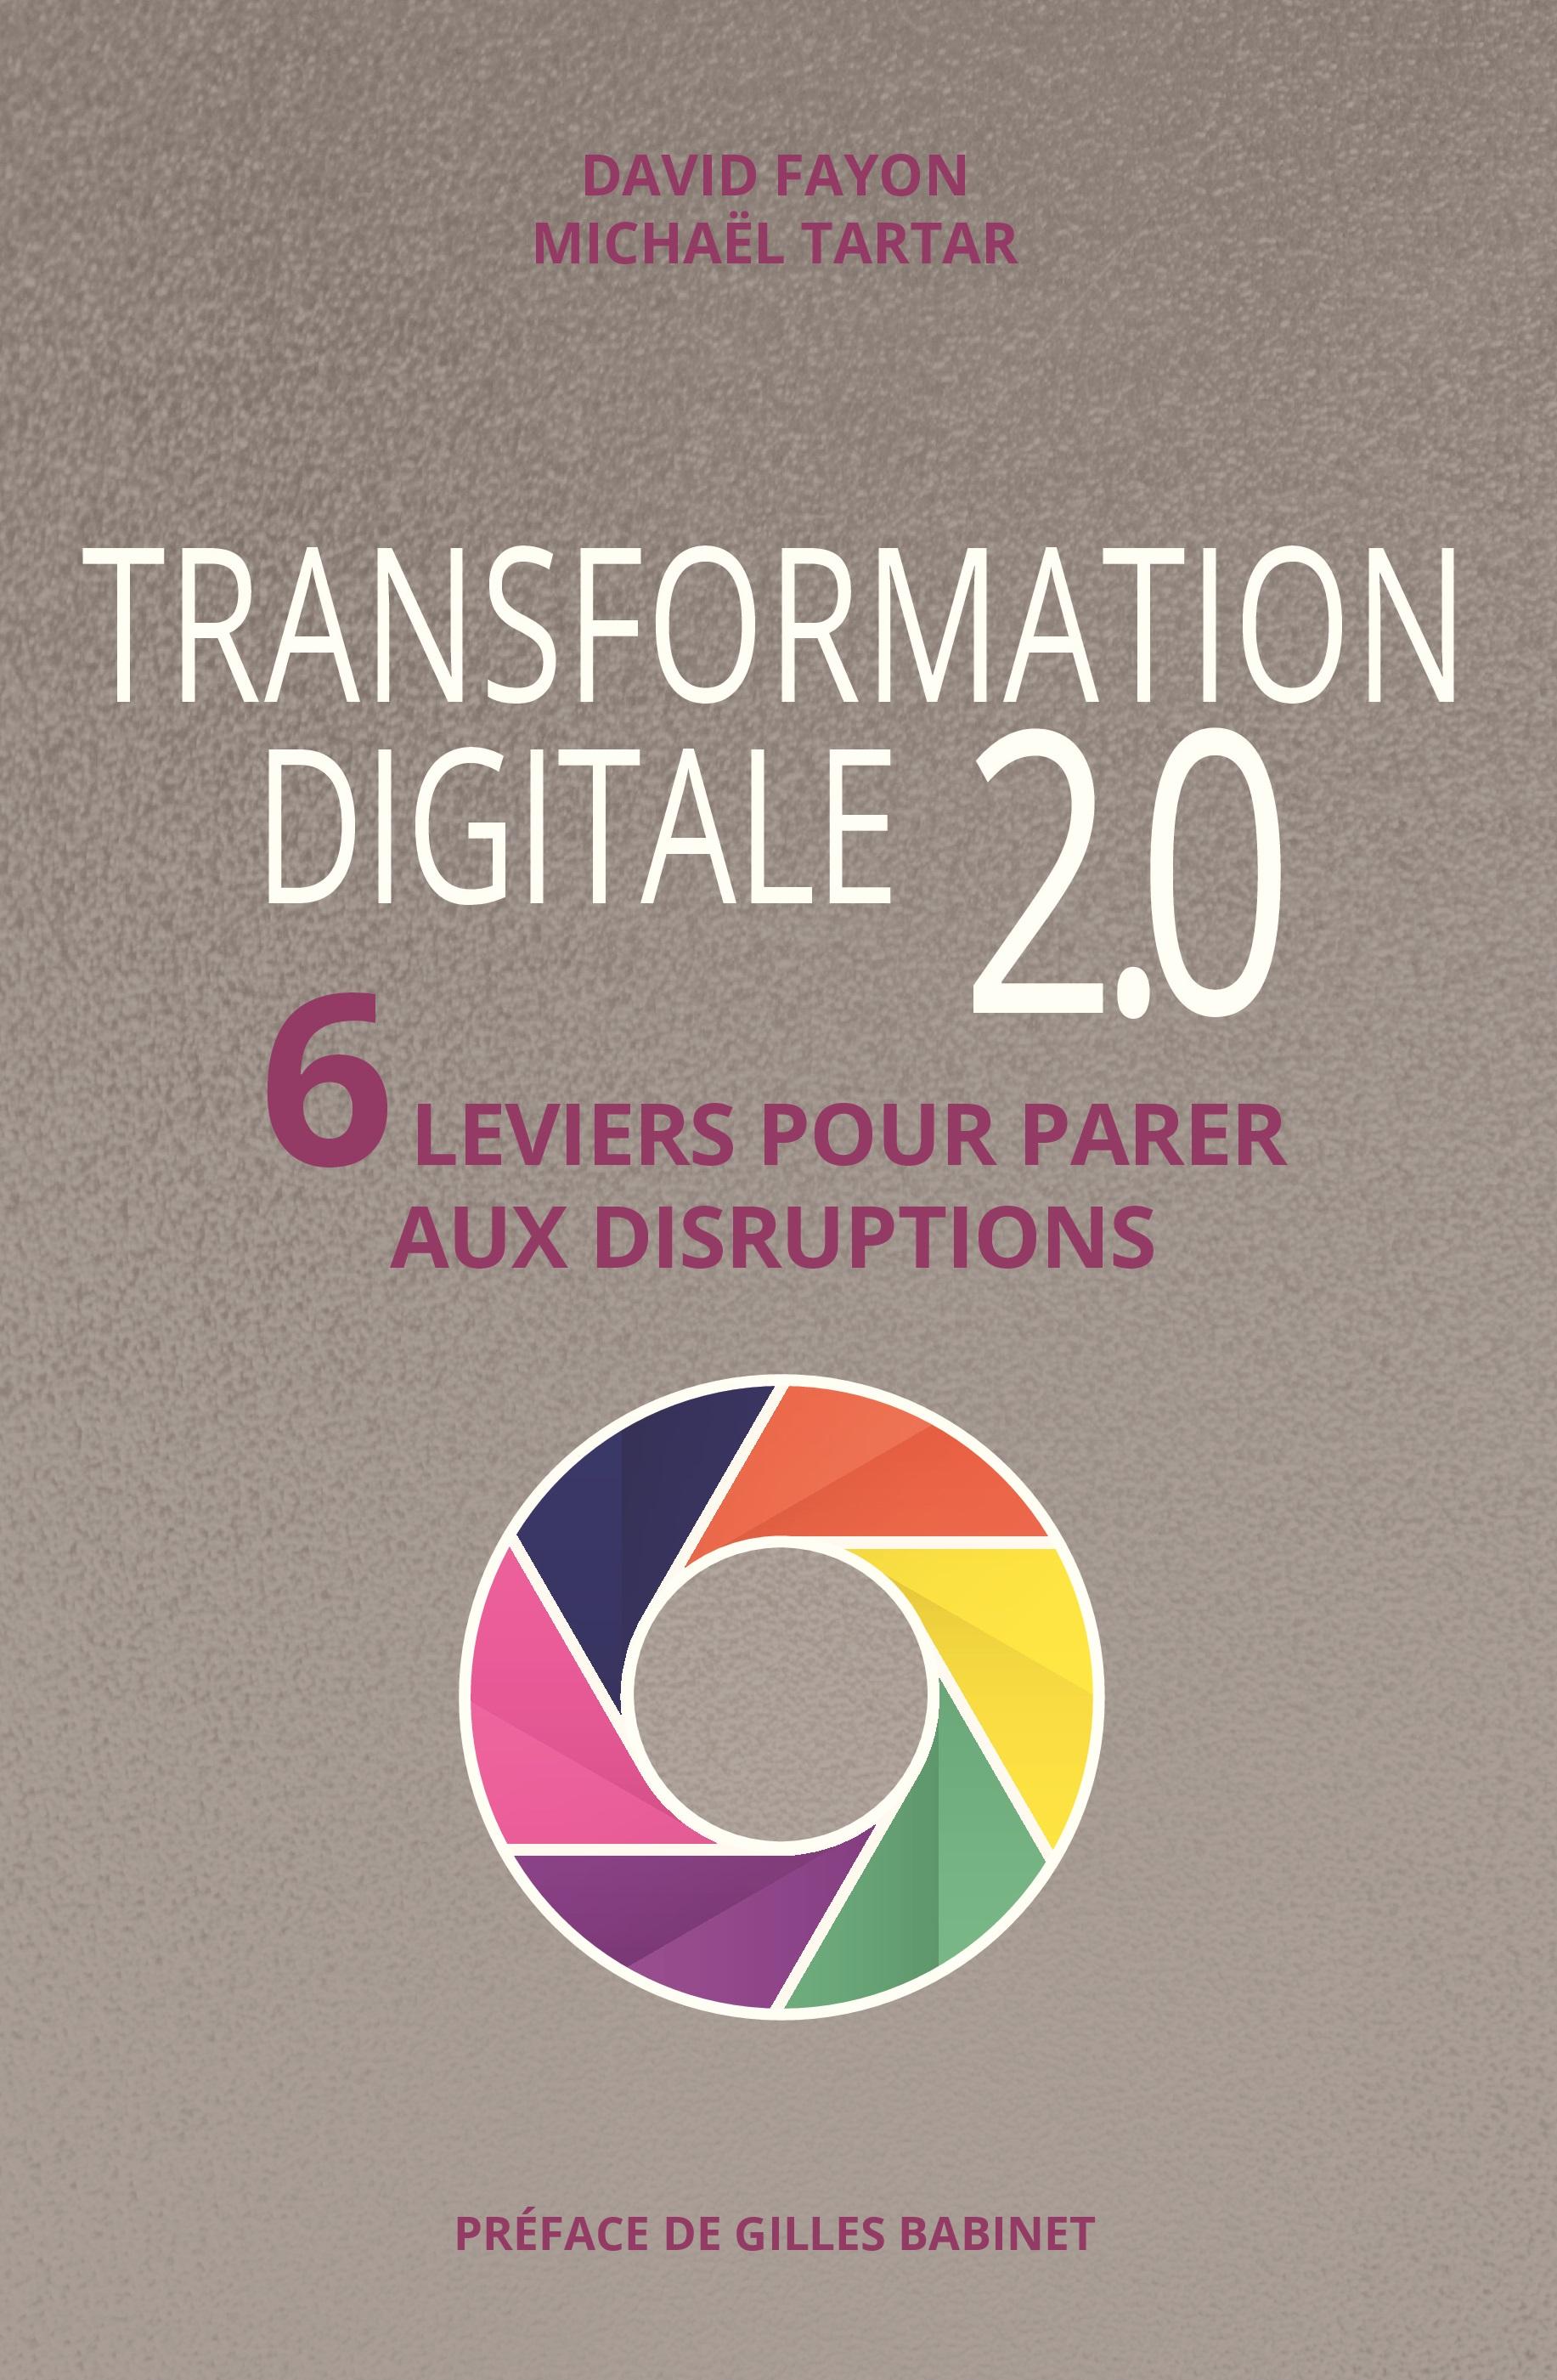 Livre Transformation digitale 2.0 : 6 leviers pour l'entreprise